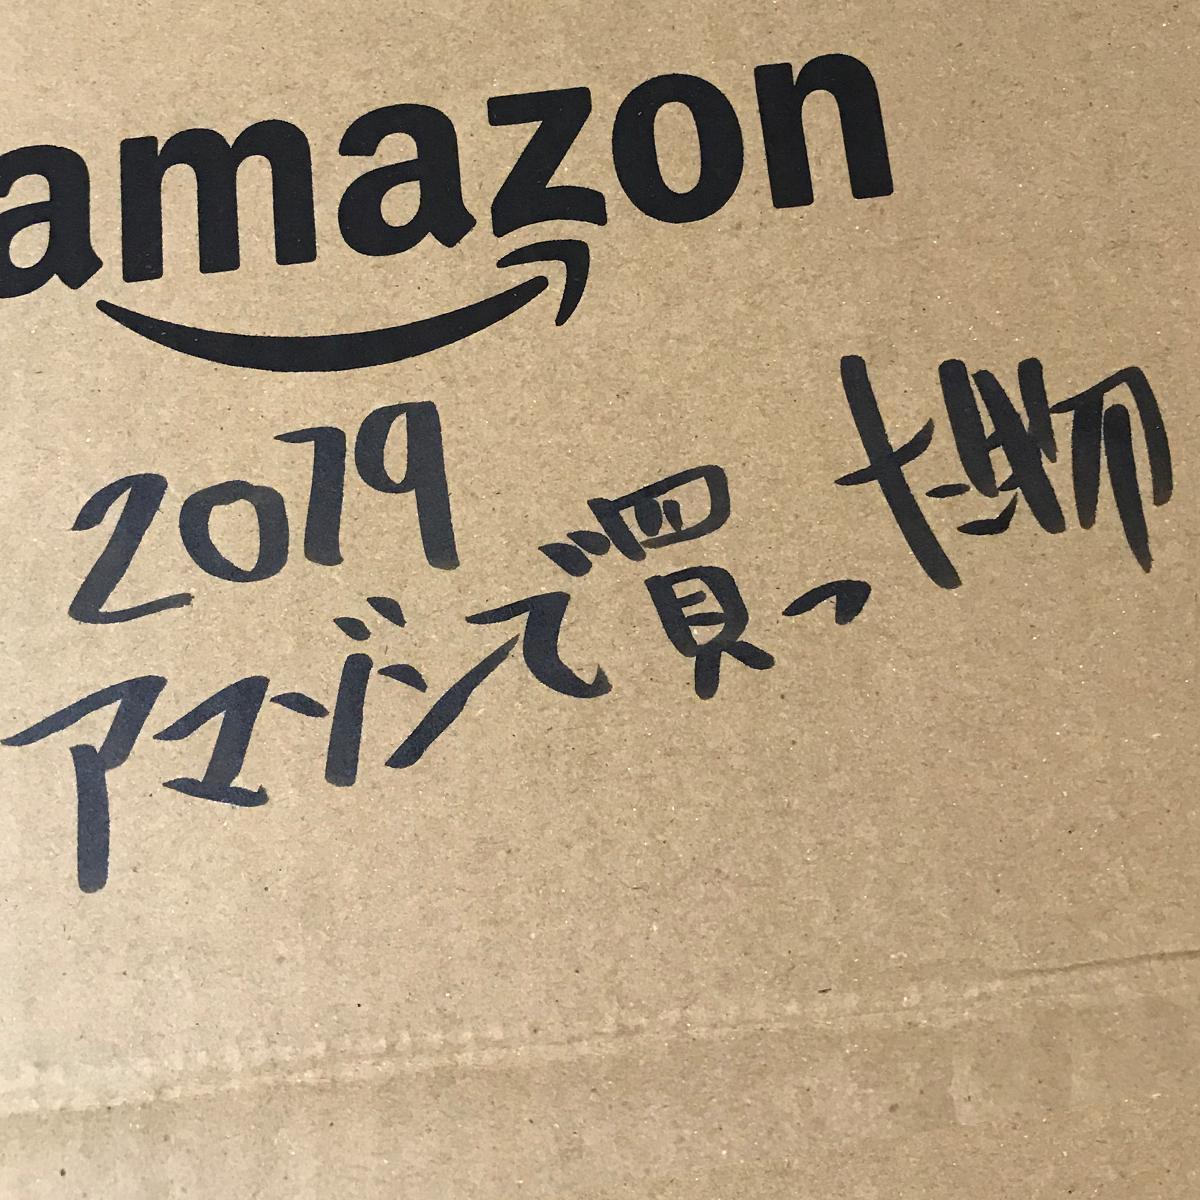 2019年 アマゾンで買った物